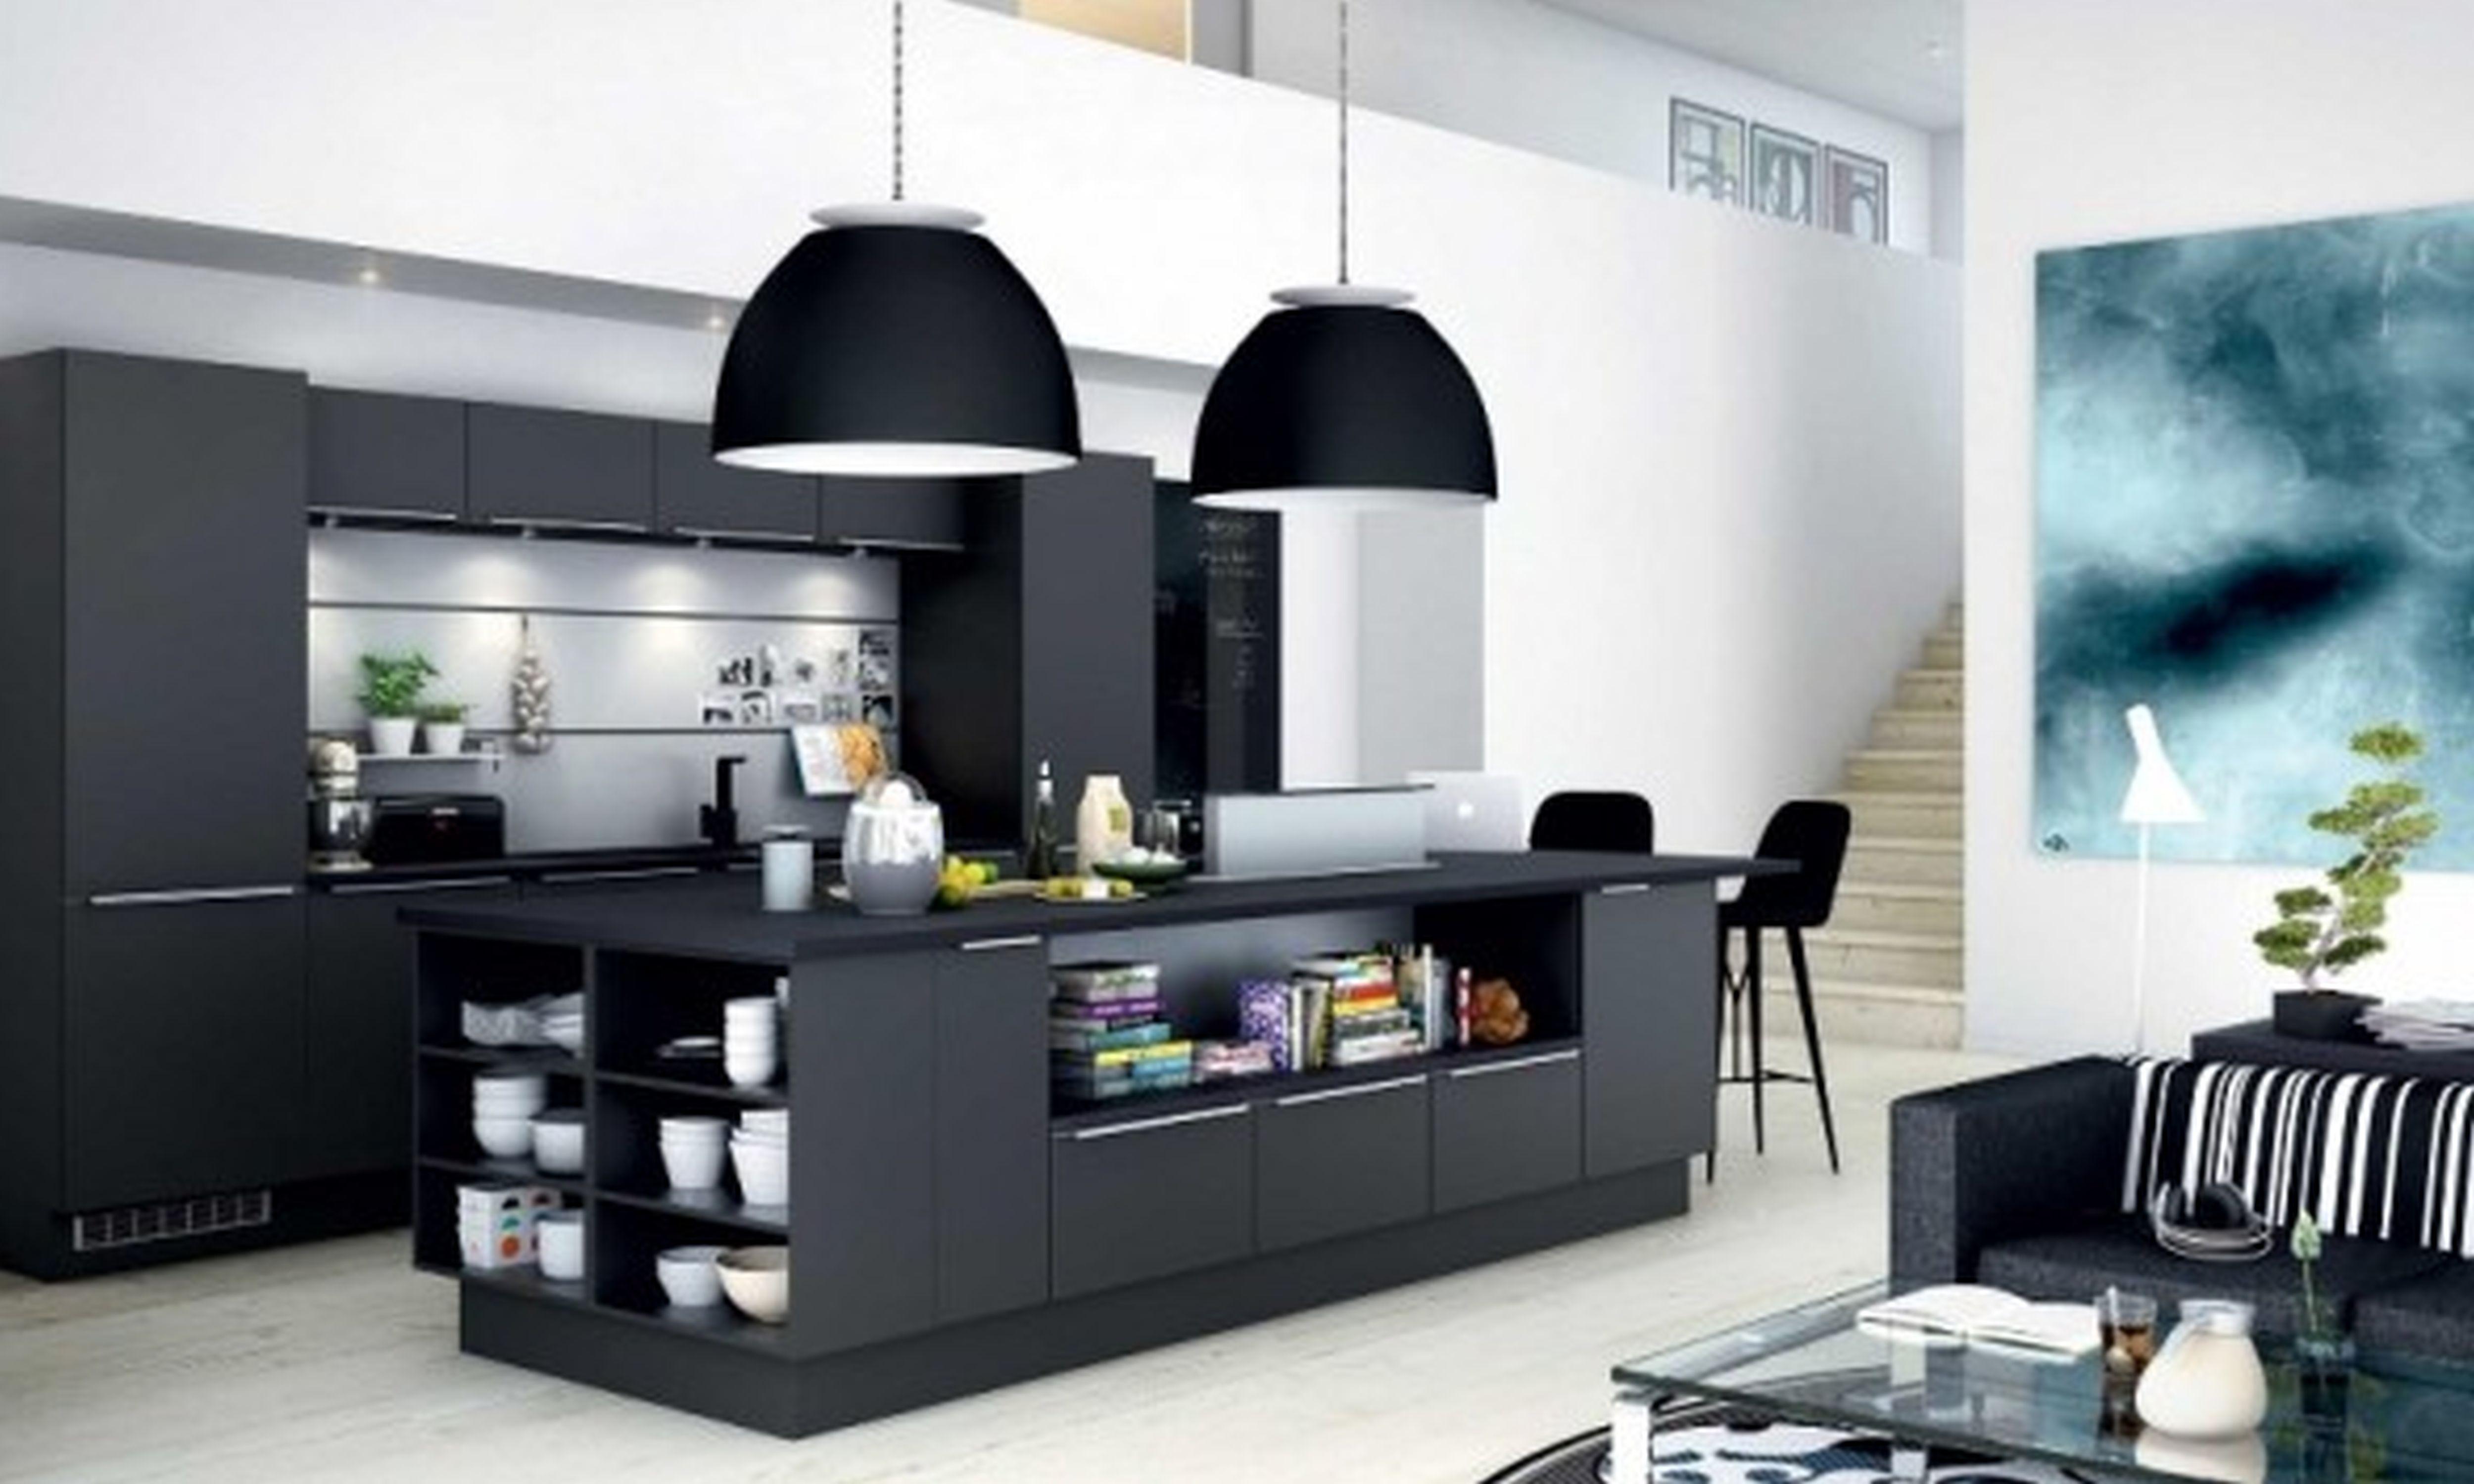 اسس اختيار ألوان المطبخ 3